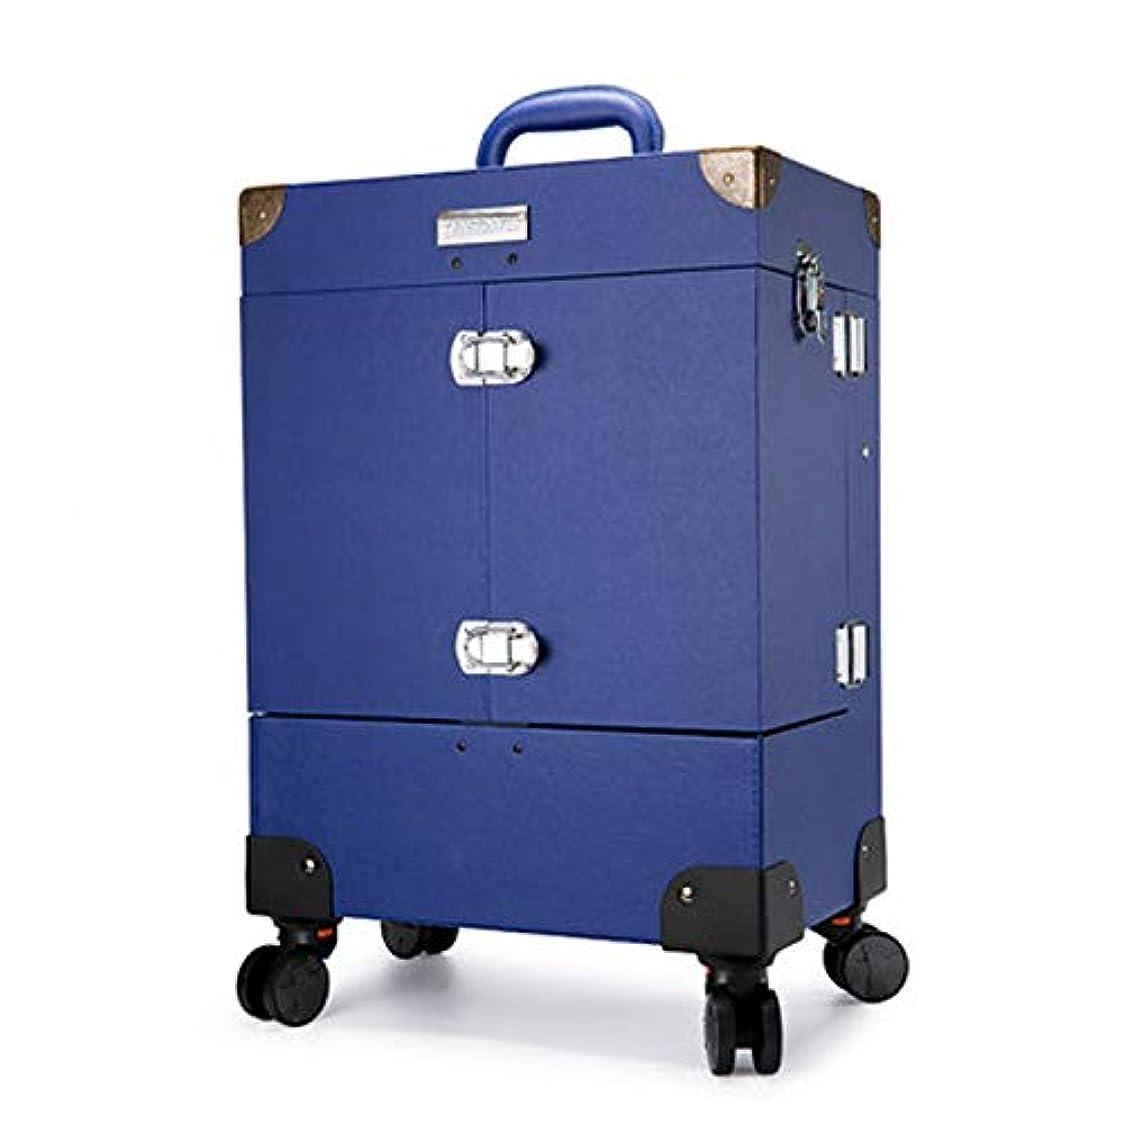 お別れ害強大なプロ専用 ネイリスト クローゼット スーツケース ネイル収納 メイクボックス キャリーバッグ ヘアメイク ネイル 大容量 軽量 高品質 多機能 プロ I-JL-3505T-BL